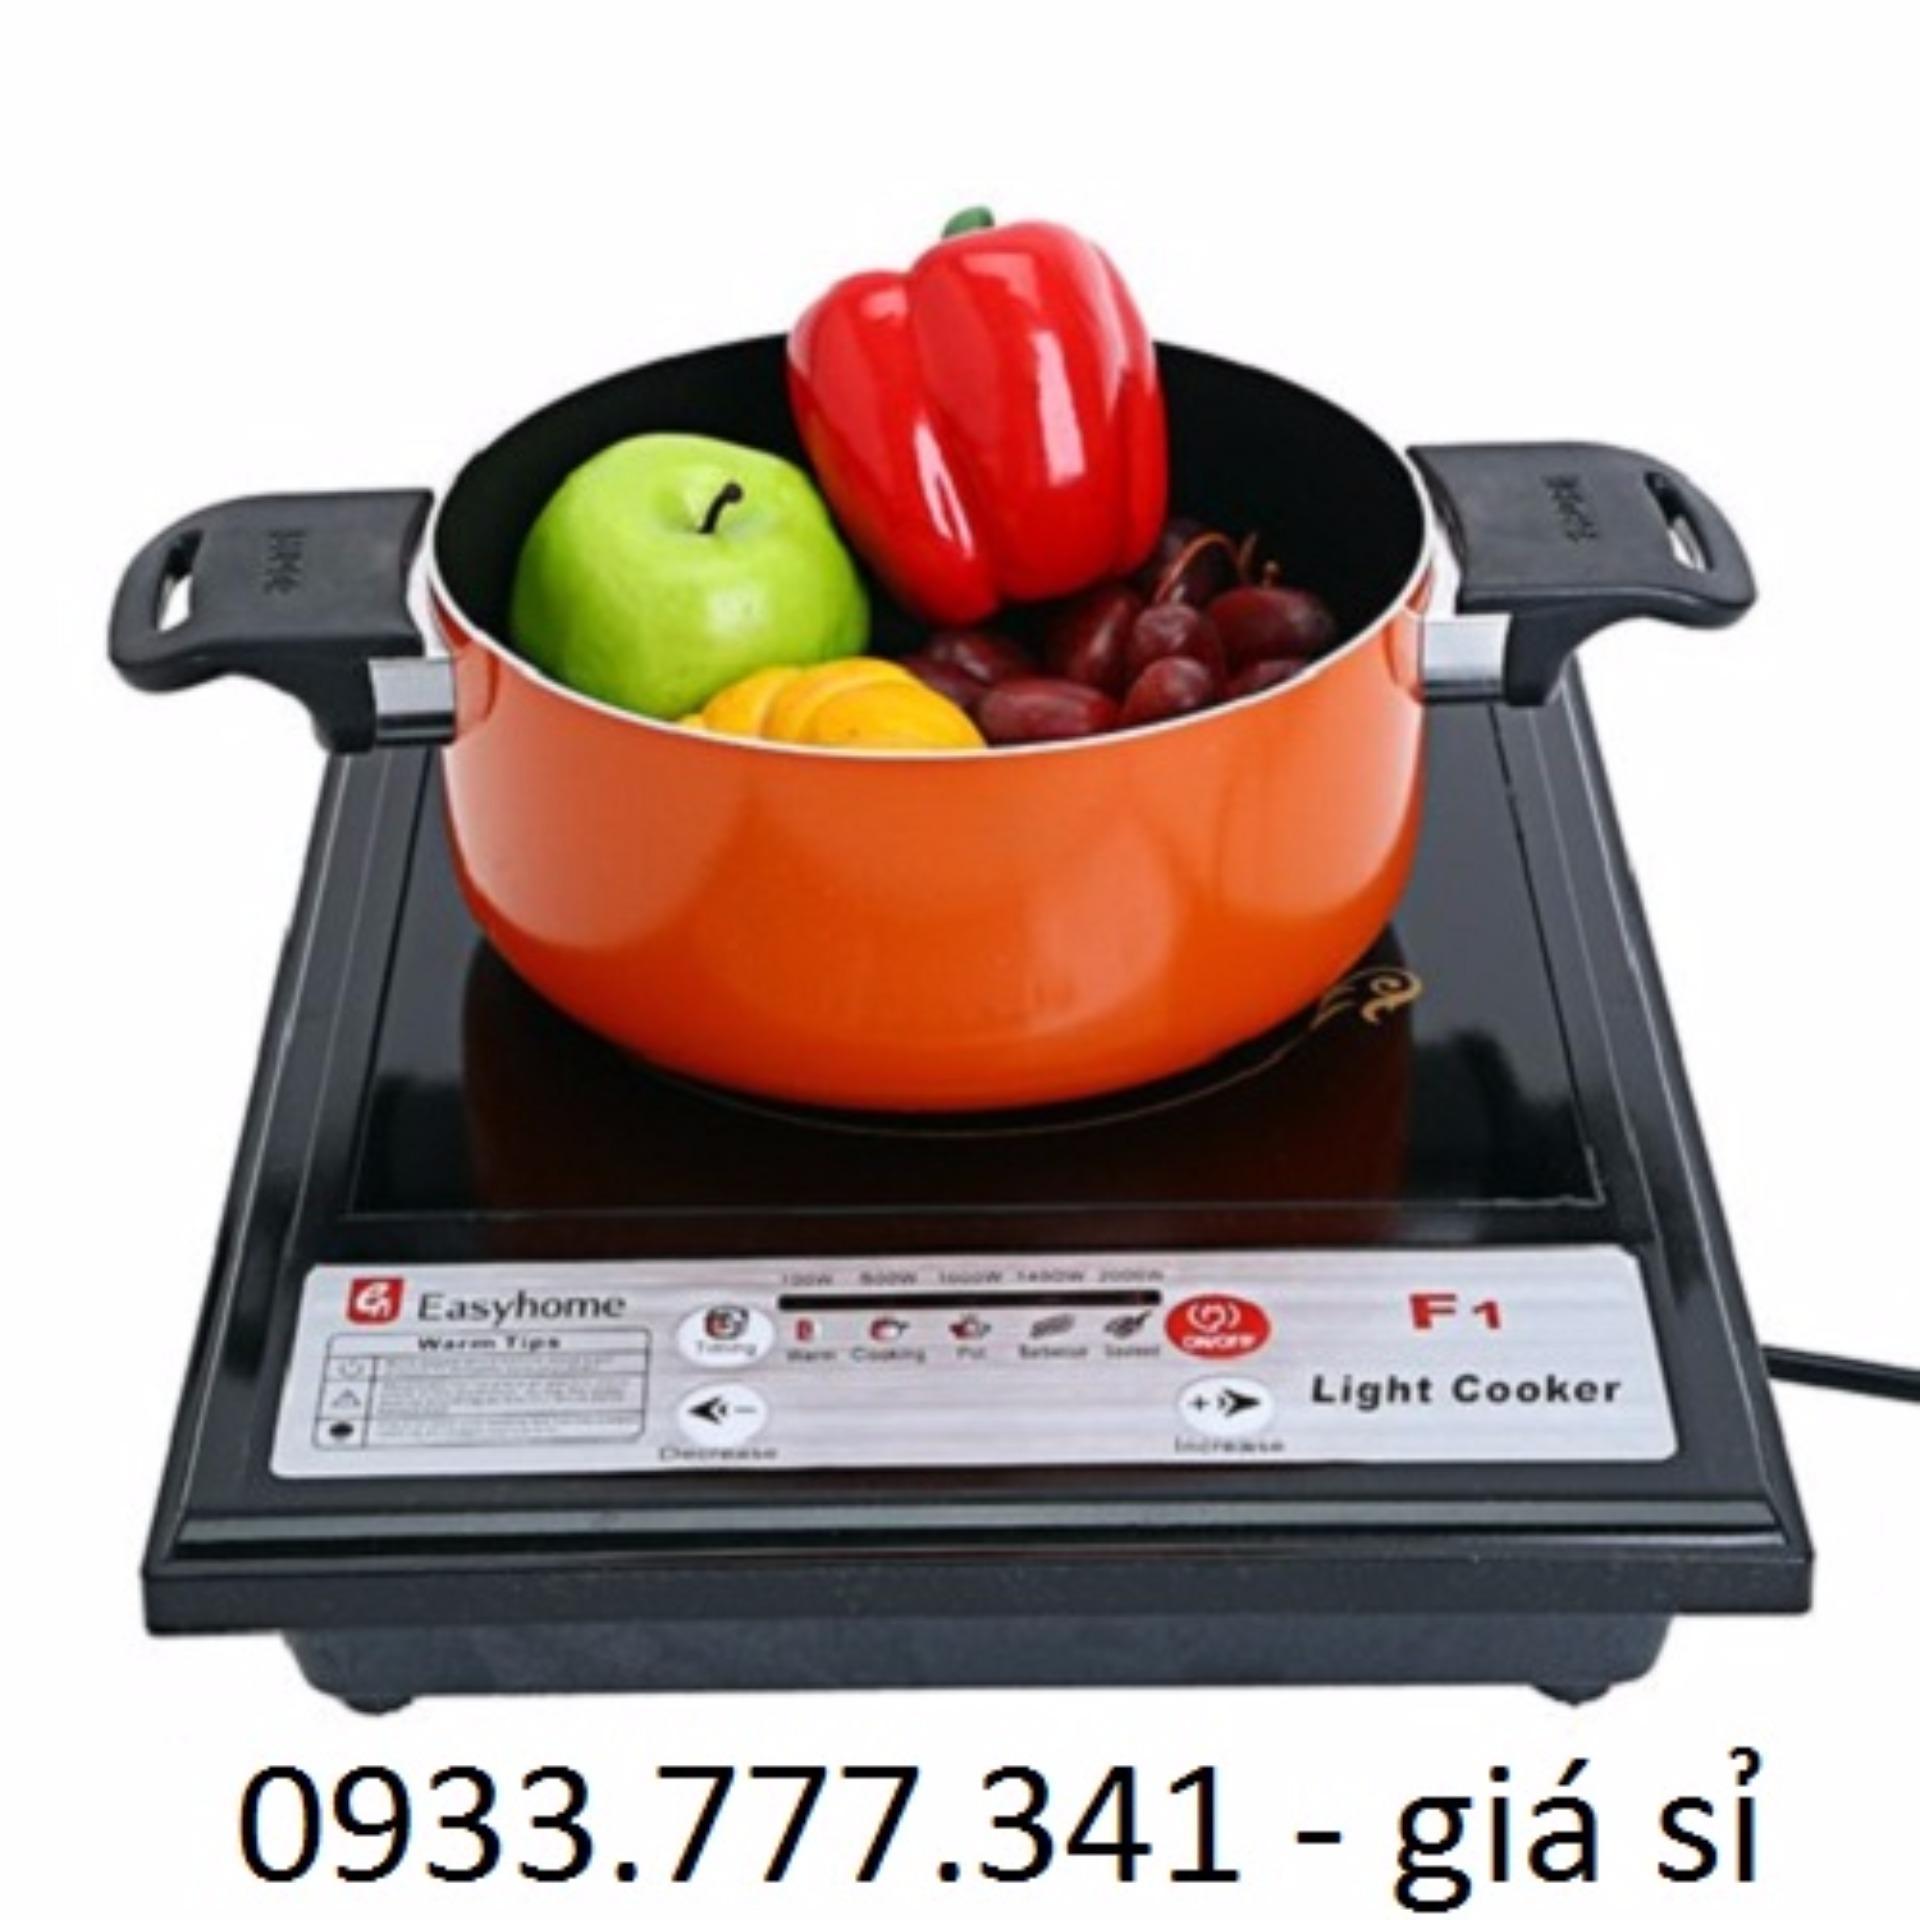 Bếp hồng ngoại Halogen Easyhome (Nút nhấn cơ)